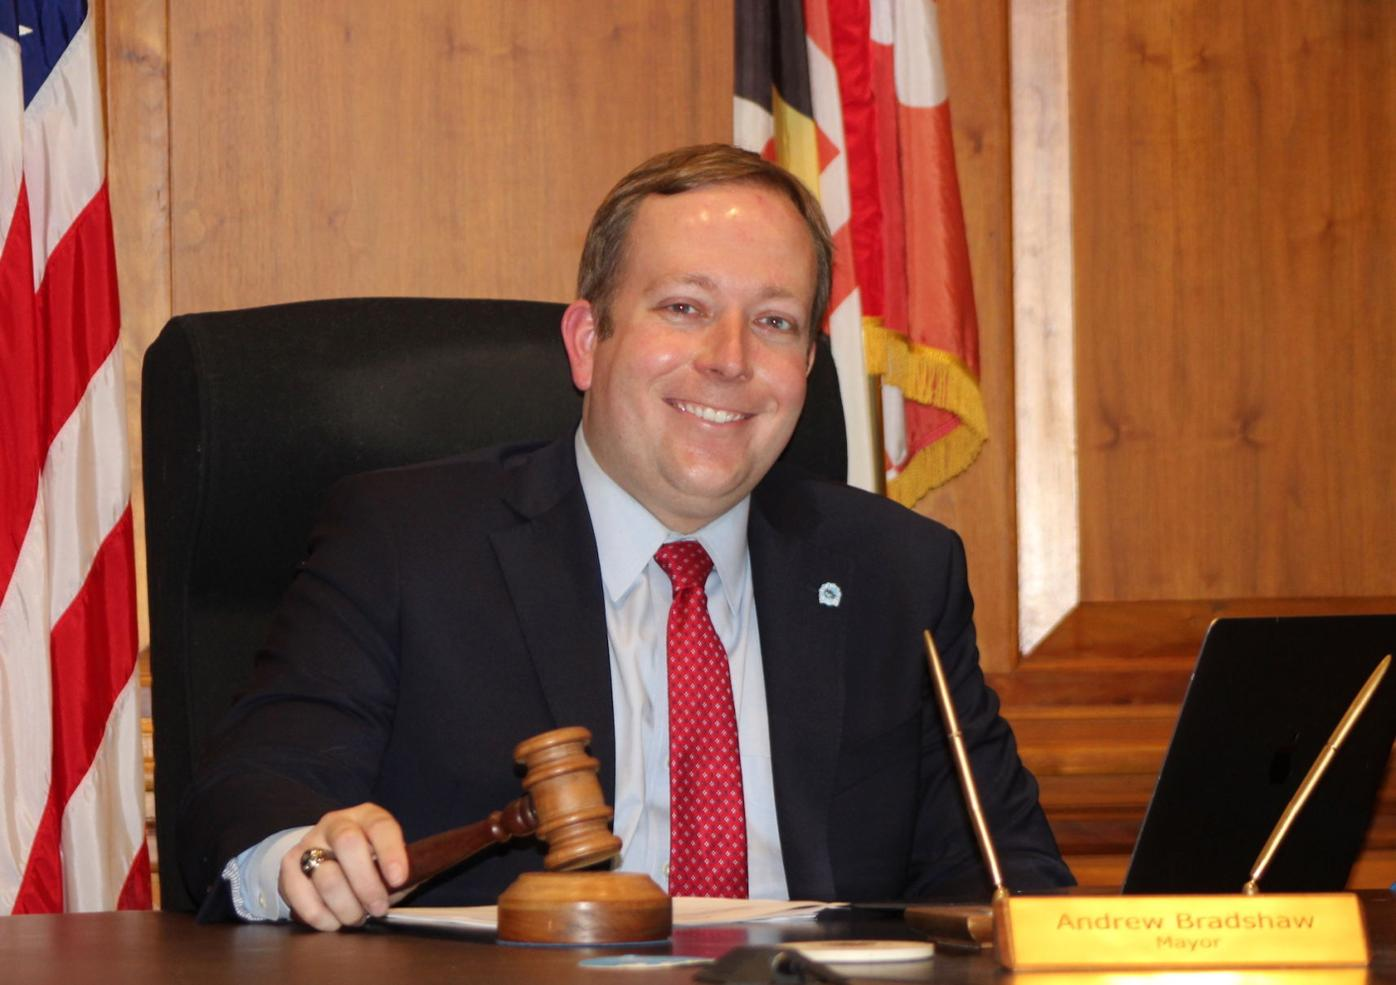 Mayor Andrew Bradshaw